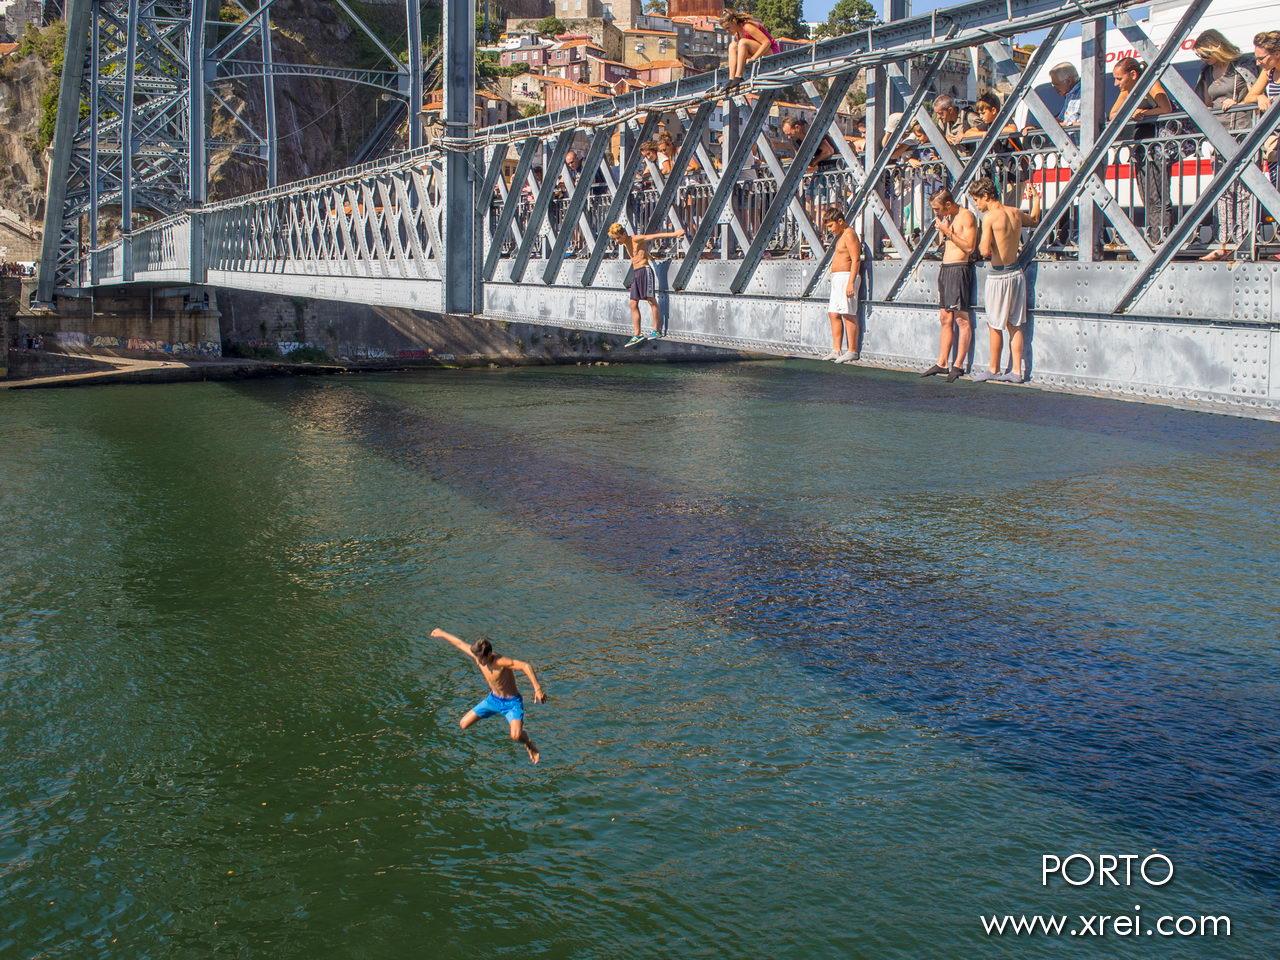 Adolescentes saltando del puente Dom Luís I al río, bajo la observación de los turistas